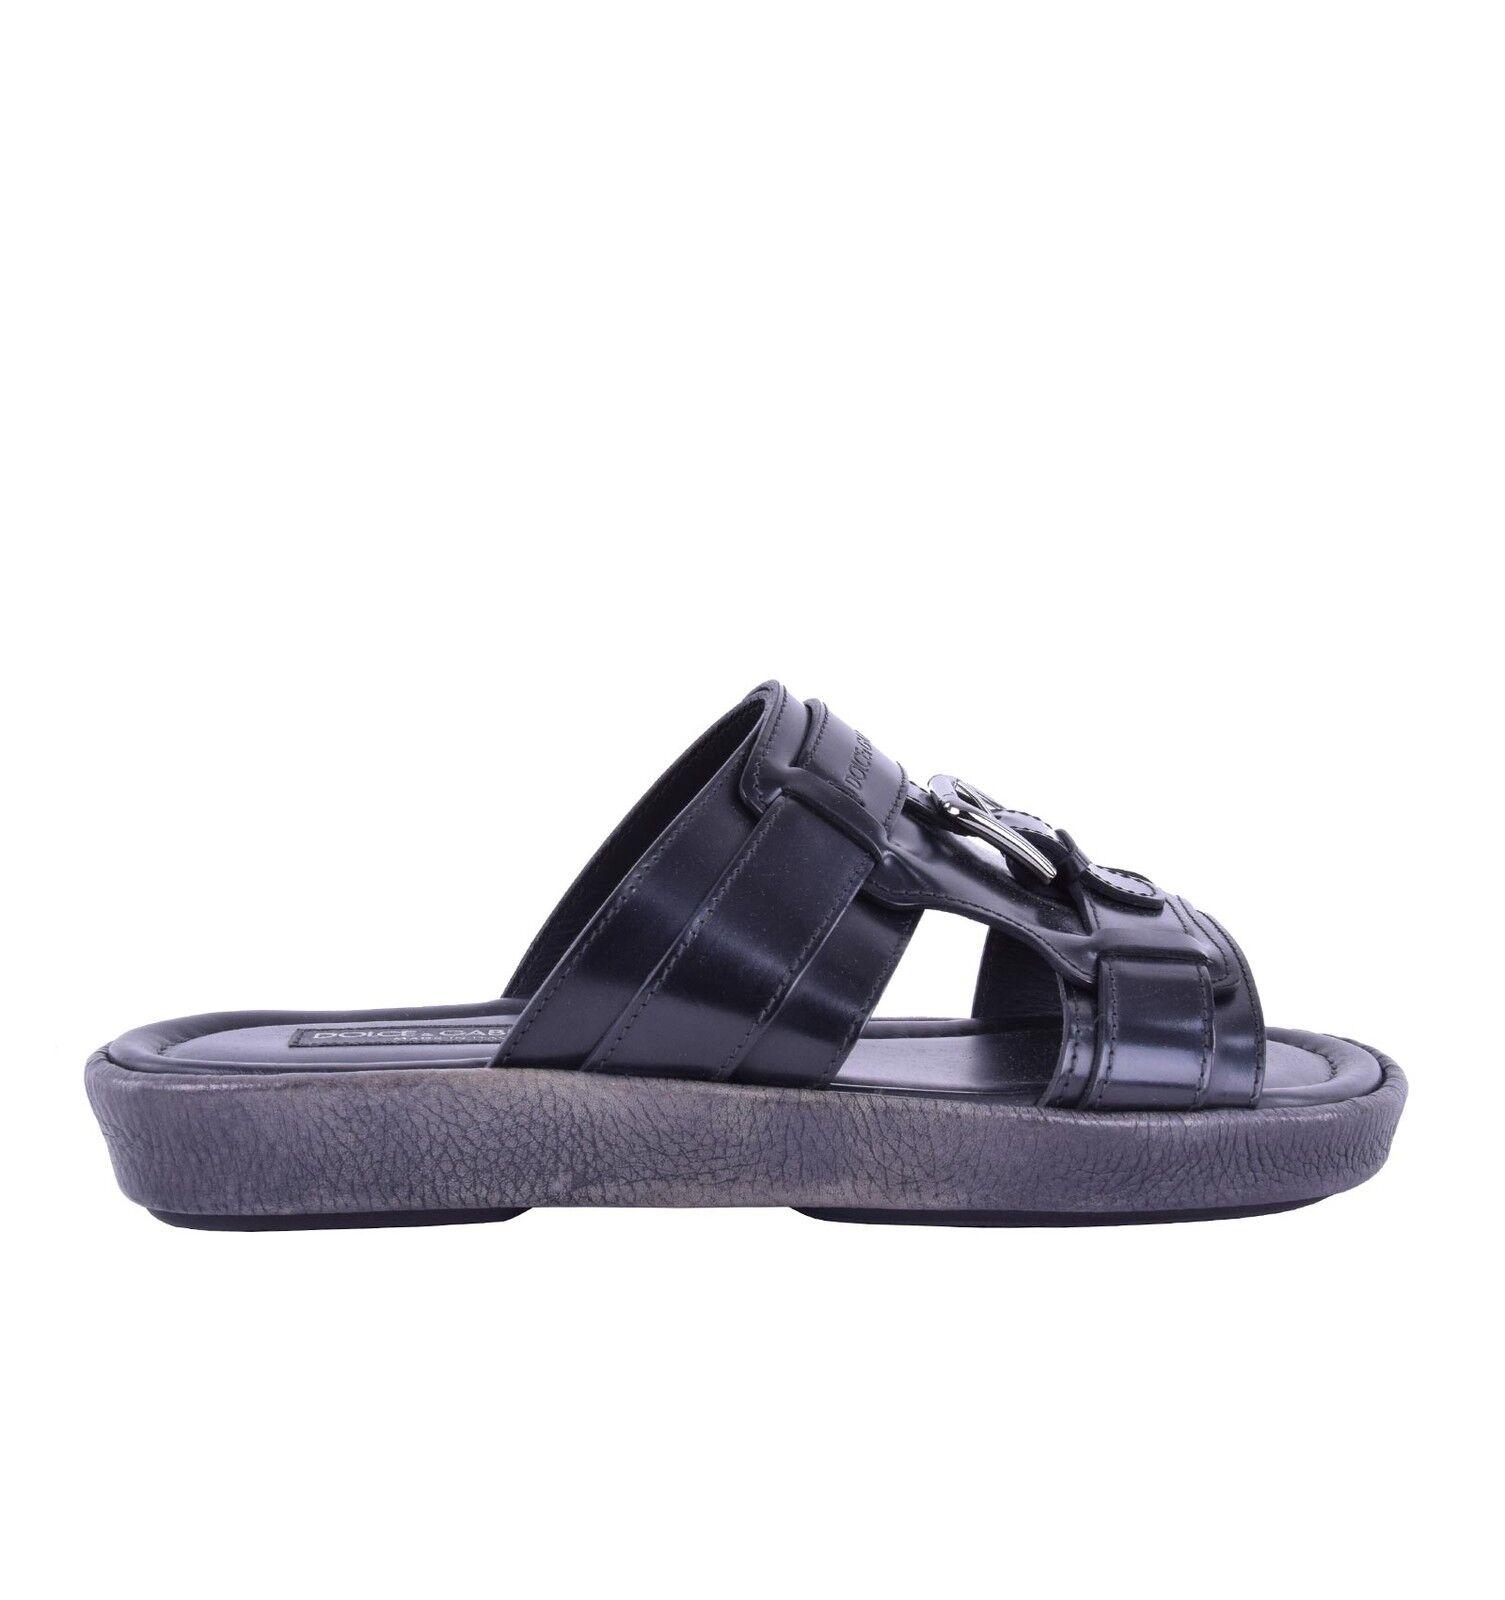 Descuento de la marca MBT kisumu sandalia salud sandalias zapatos zapatos de piel negro Gr. 42 nuevo